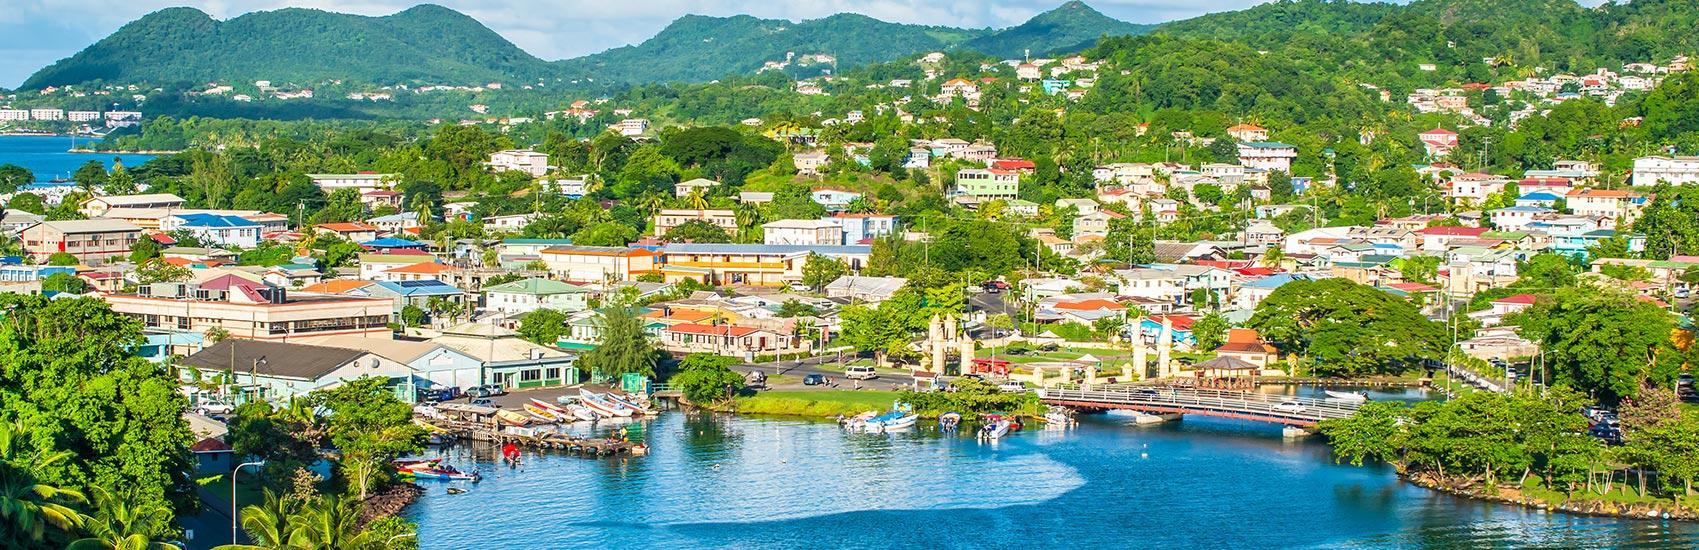 Travel Solo with Azamara Cruises 4